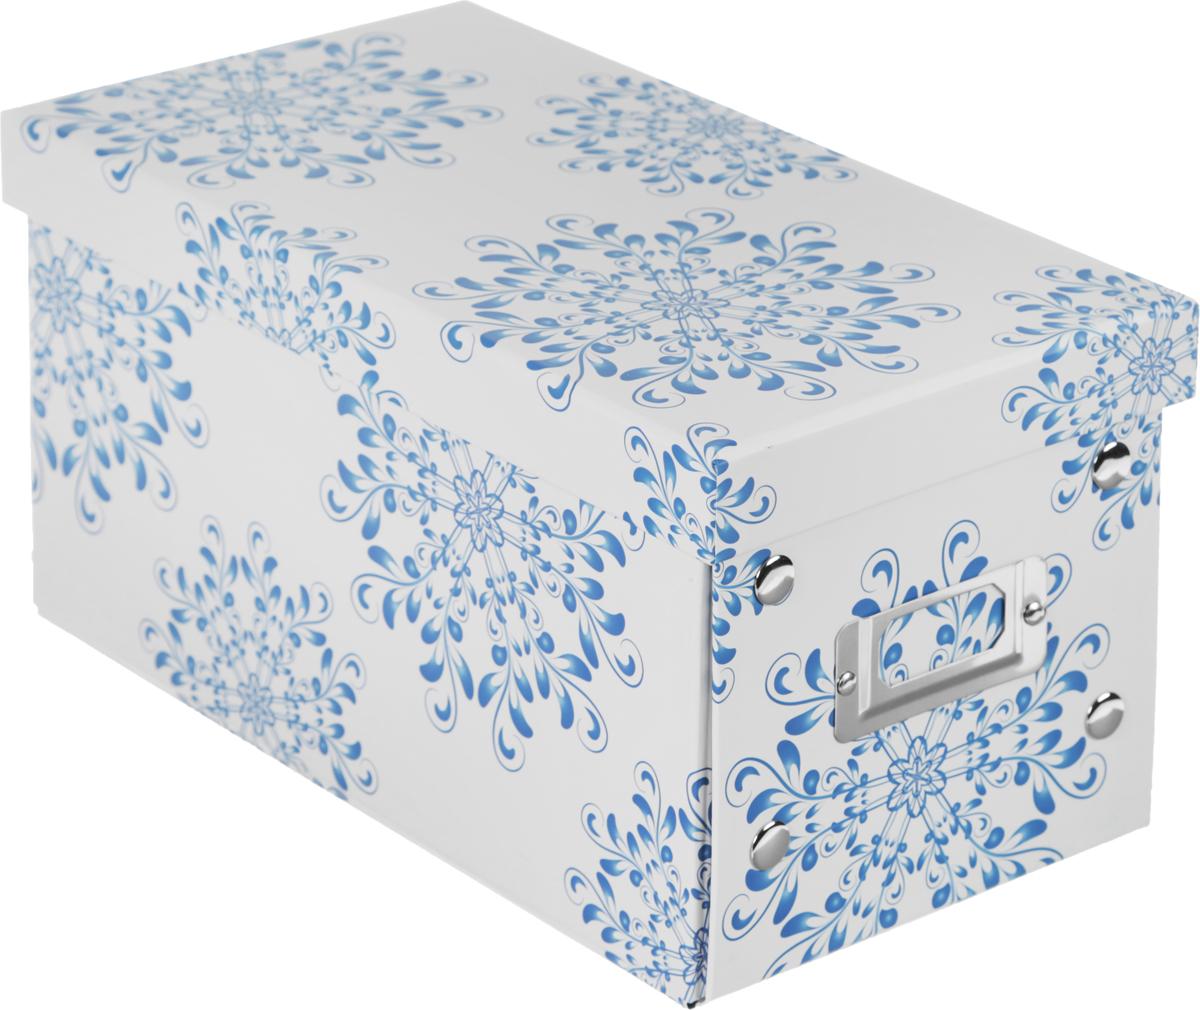 Коробка для хранения, складная, цвет: белый, синий, 15,5 х 27 х 3RG-D31SКоробкадля хранения изготовлена из высококачественного плотного картонаи оформлена оригинальным принтом. Она предназначена для хранения различных мелочей. Изделие легко собирается с помощью металлических креплений и не занимает много места. Такая коробка для хранения идеальное решение для аккуратного хранения различных ниток, канцелярских товаров.Размер коробки (в собранном виде): 15,5 х 27 х 3 см.